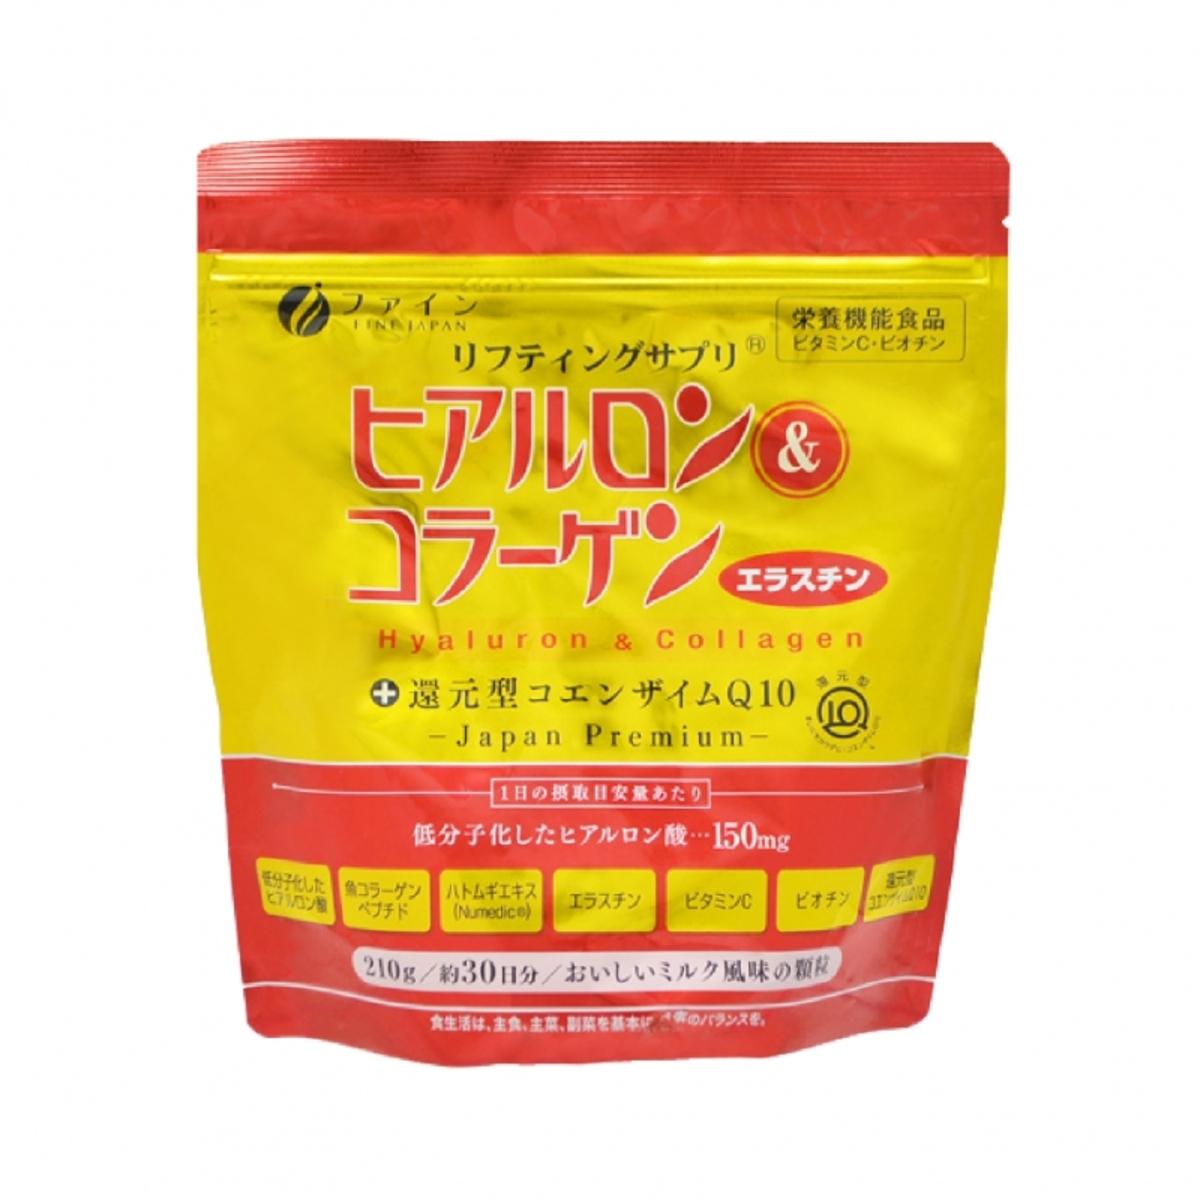 金裝透明質酸及膠原蛋白(金袋裝 210克, 30天份量)